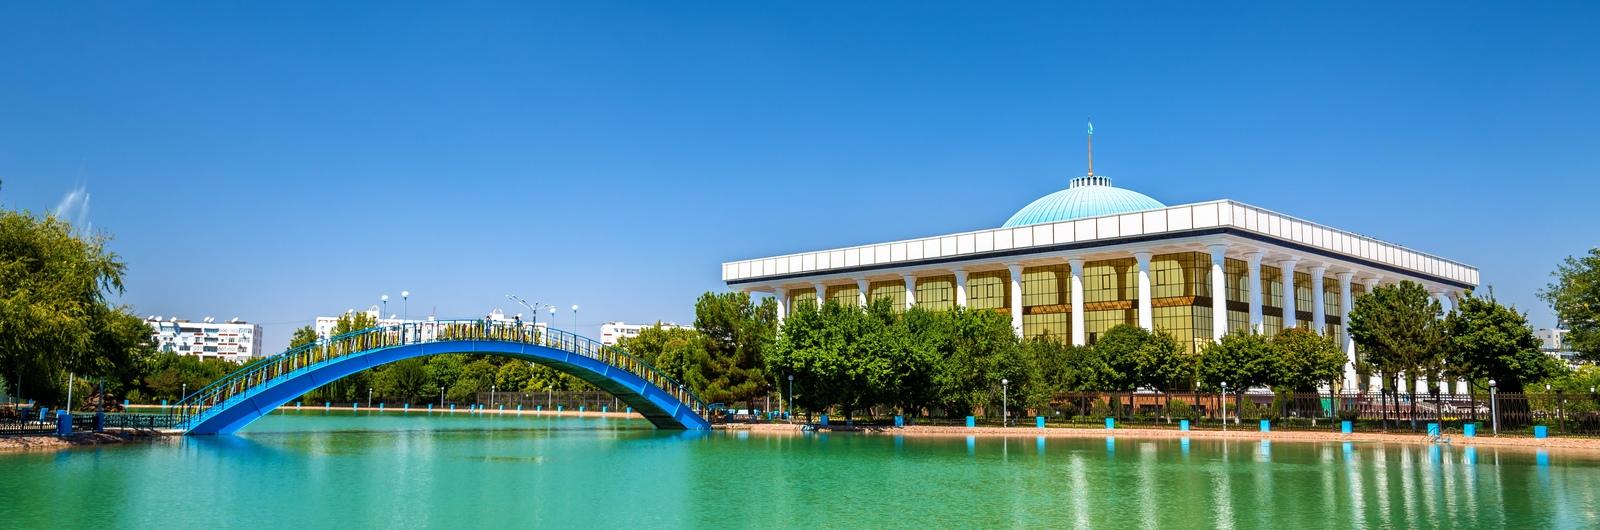 taschkent city header